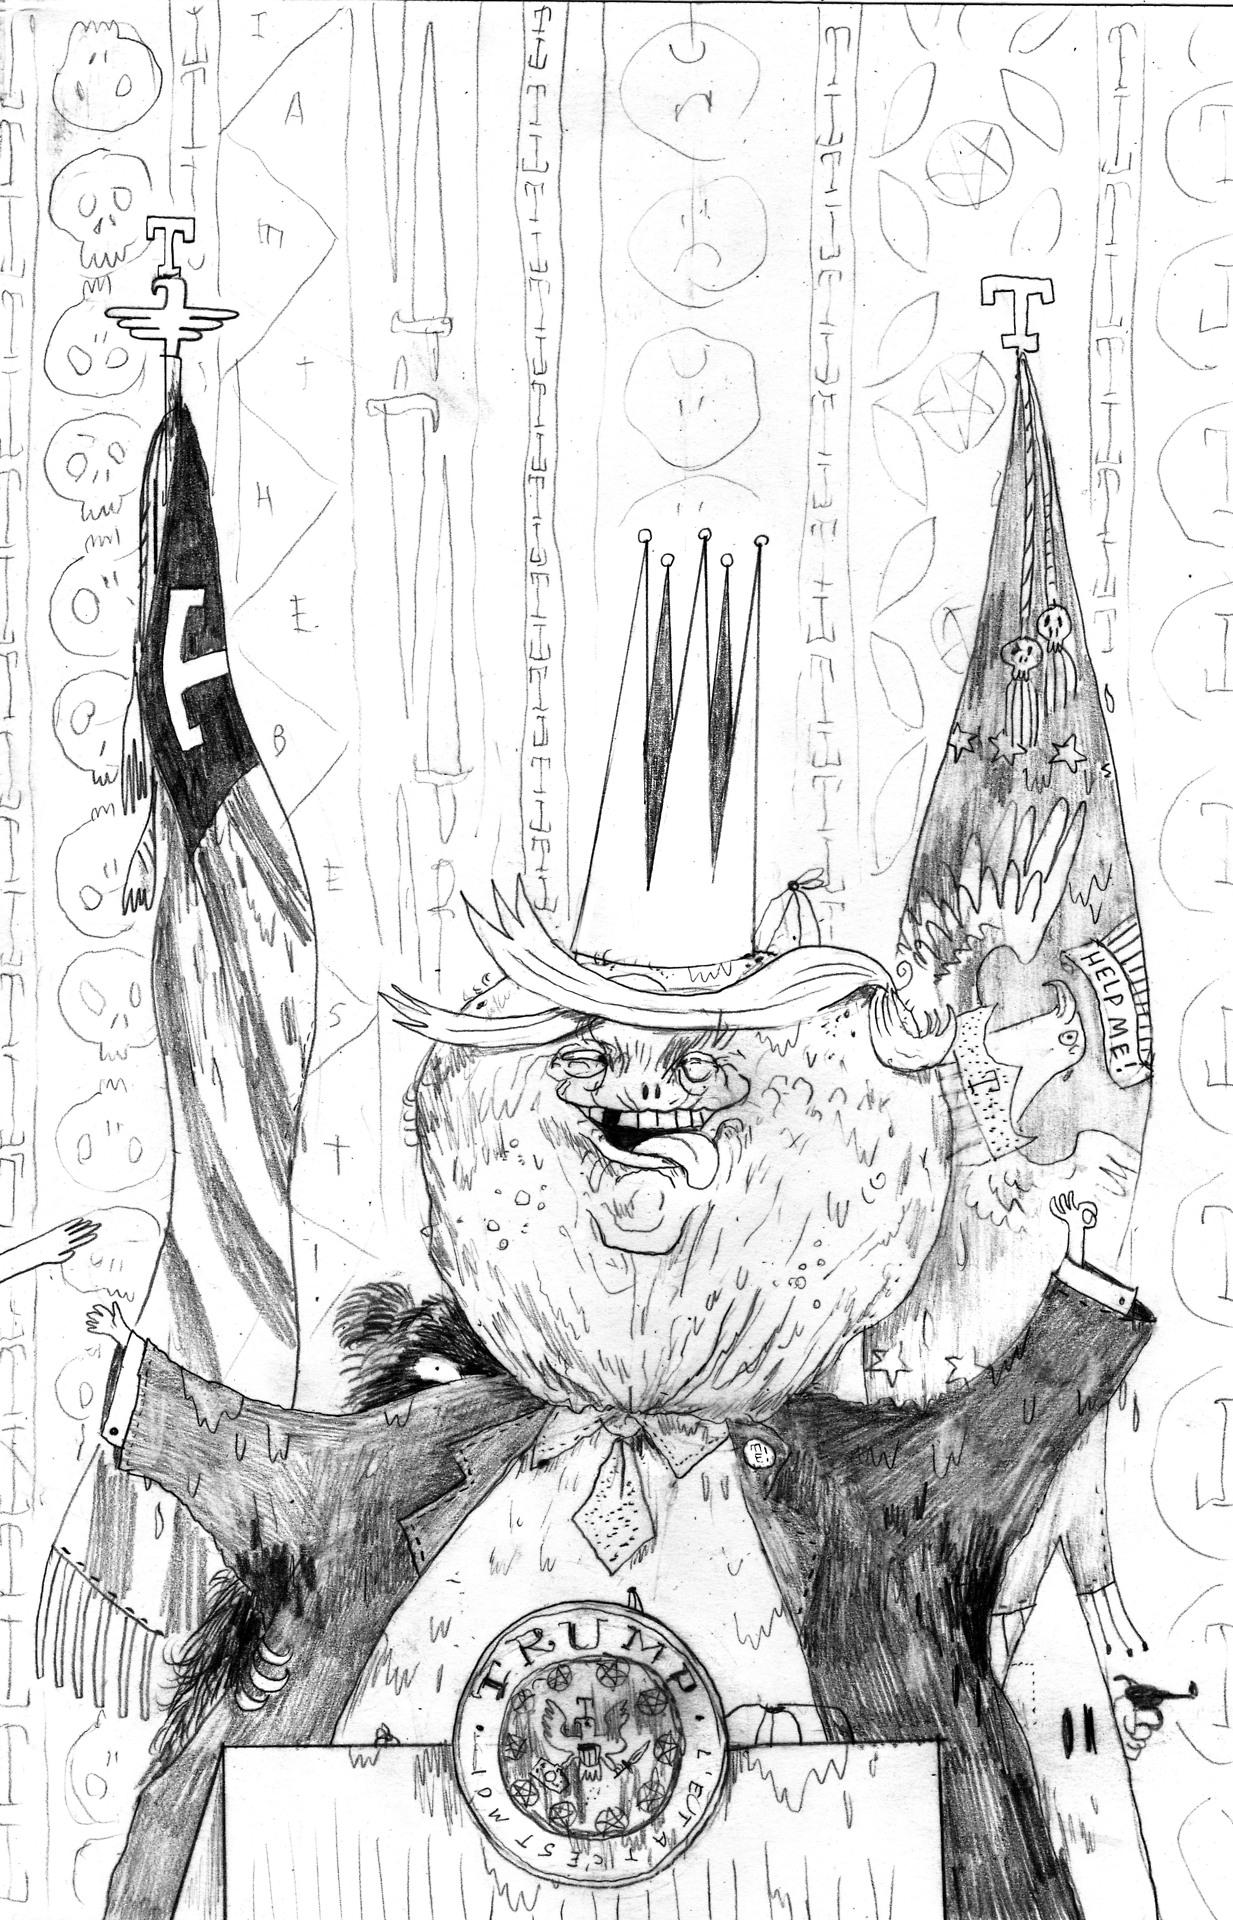 Ilustración del proyecto TrumpTrump - Warren Craghead - Imagen: trumptrump.tumblr.com